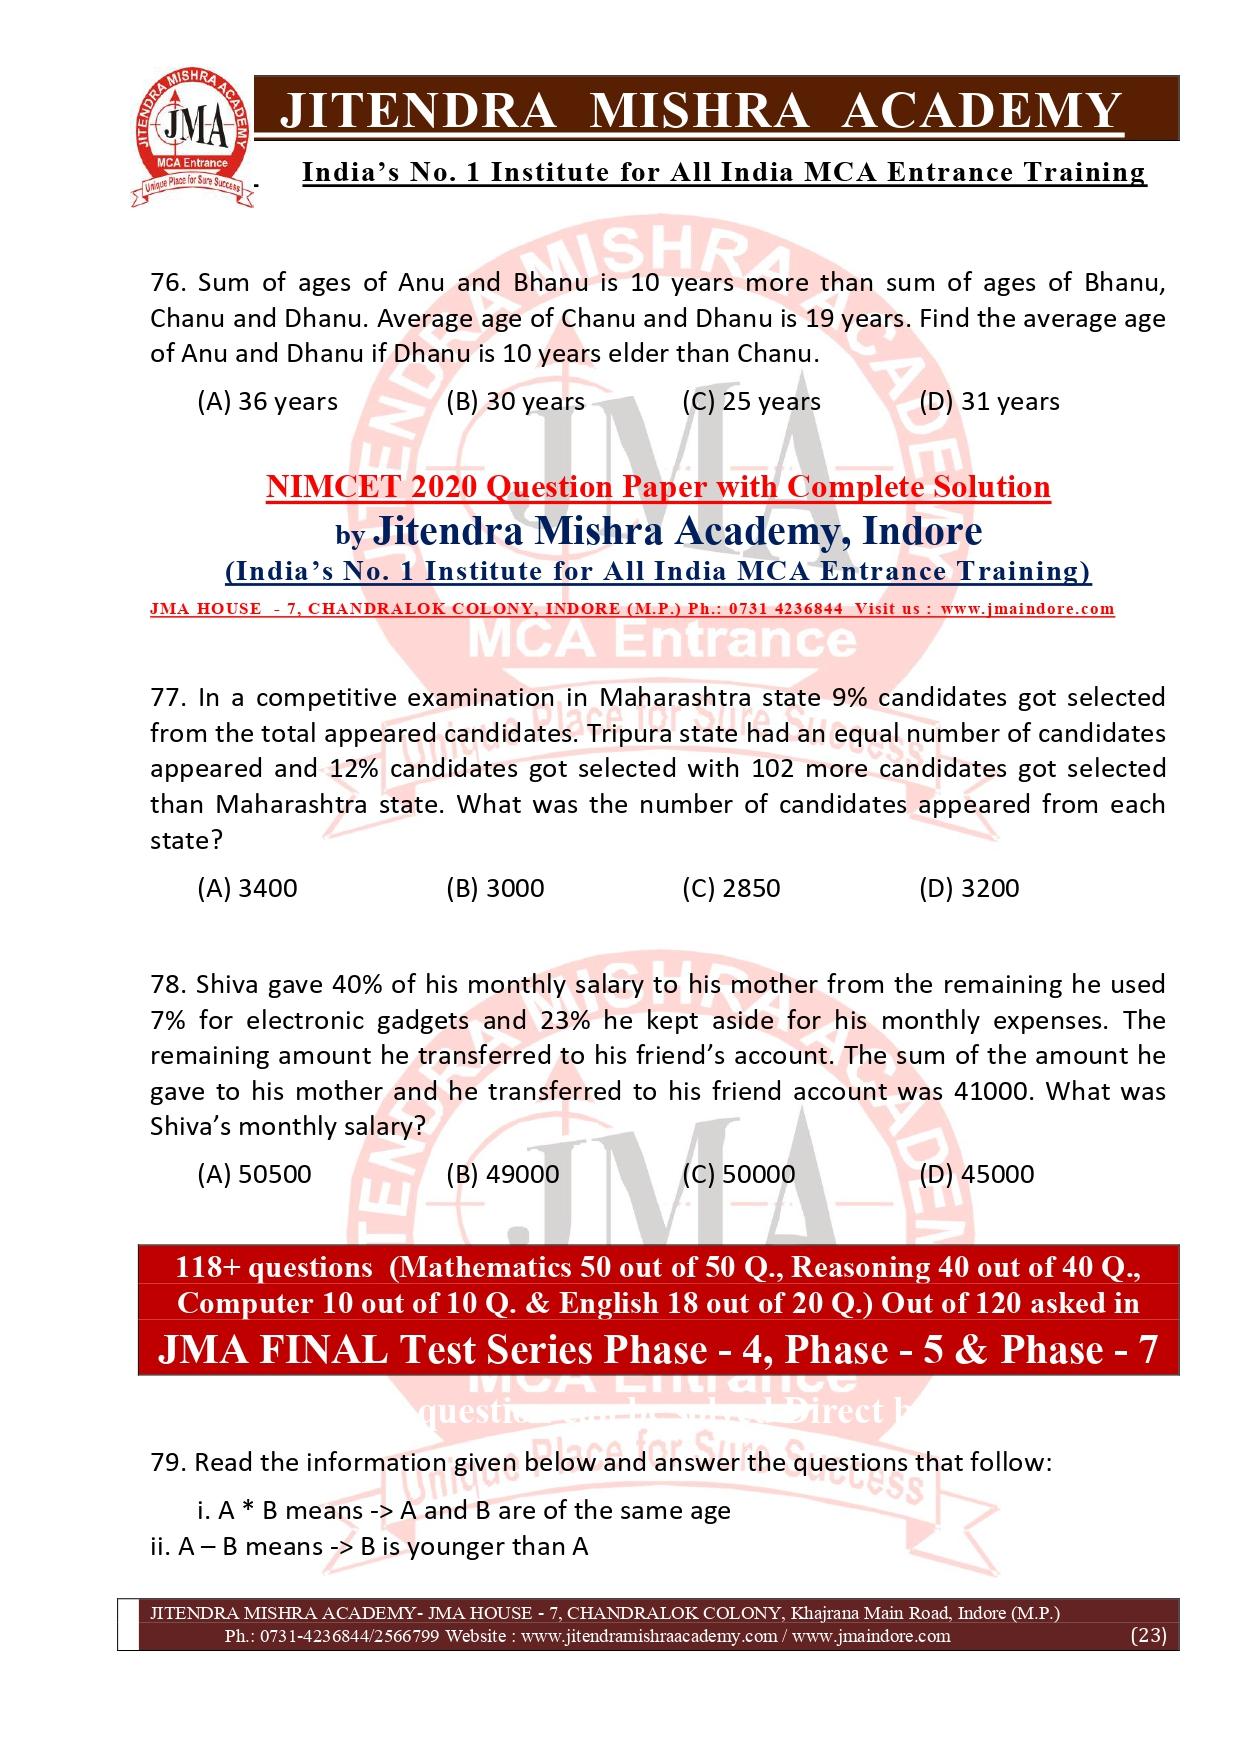 NIMCET 2020 QUESTION PAPER (FINAL)_page-0023